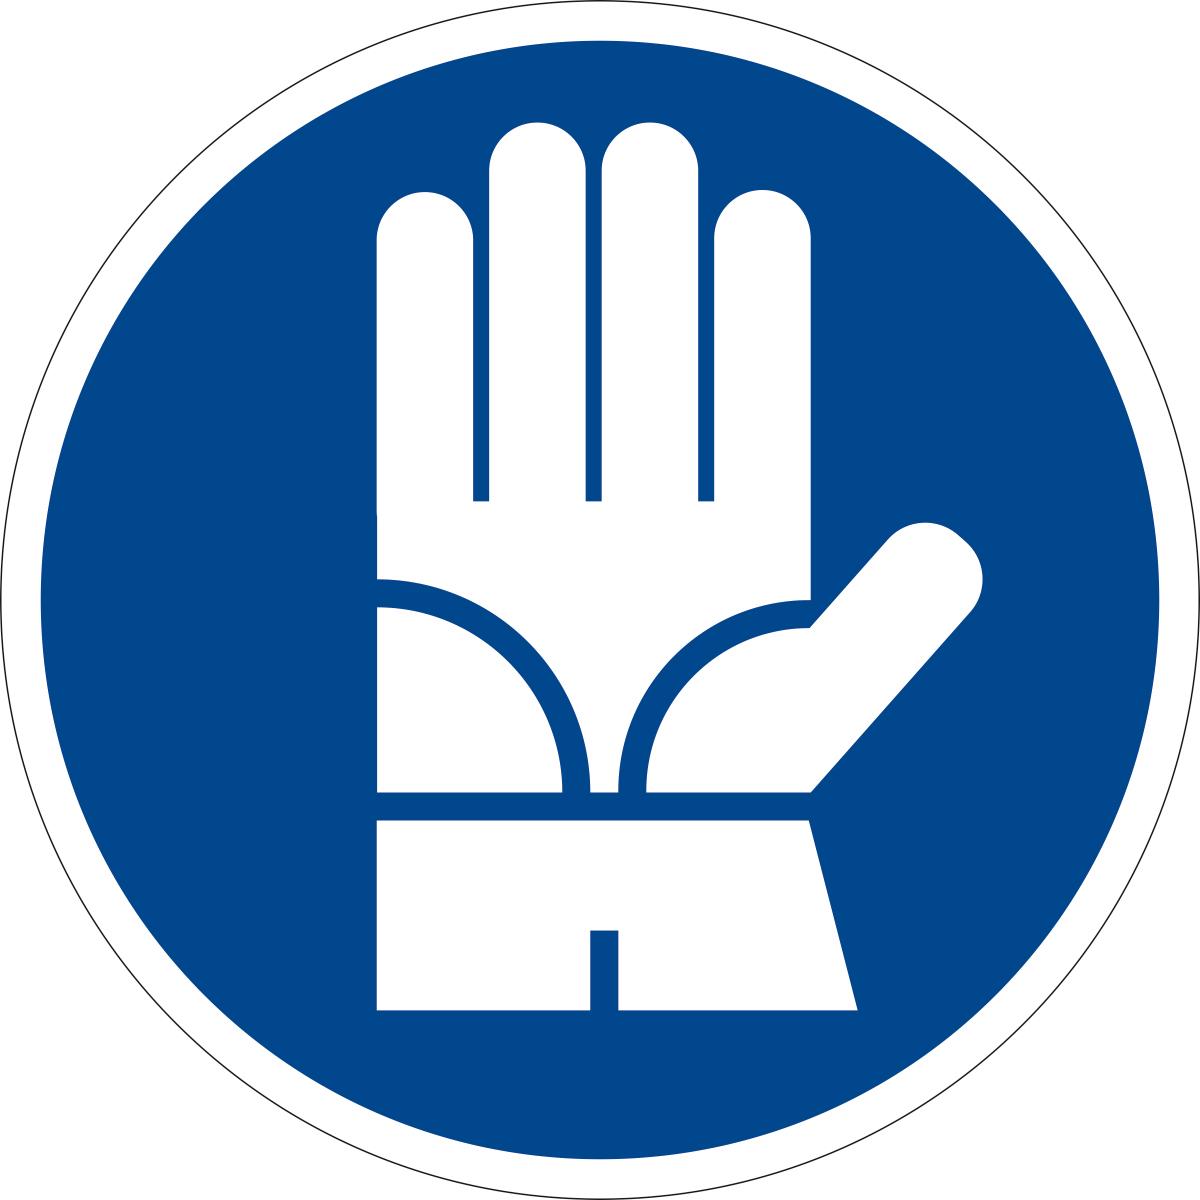 Наклейка информационная Оранжевый Слоник Работать в диэлектрических перчатках, 15 х 15 смINR009RGBИнформационные наклейки предназначенны для предупреждения людей о непосредственной или возможной опасности, запрещения, предписания или разрешения определенных действий, а также для информации о расположении объектов и средств, использование которых ислючает или снижает воздействие опасных и (или) вредных факторов.